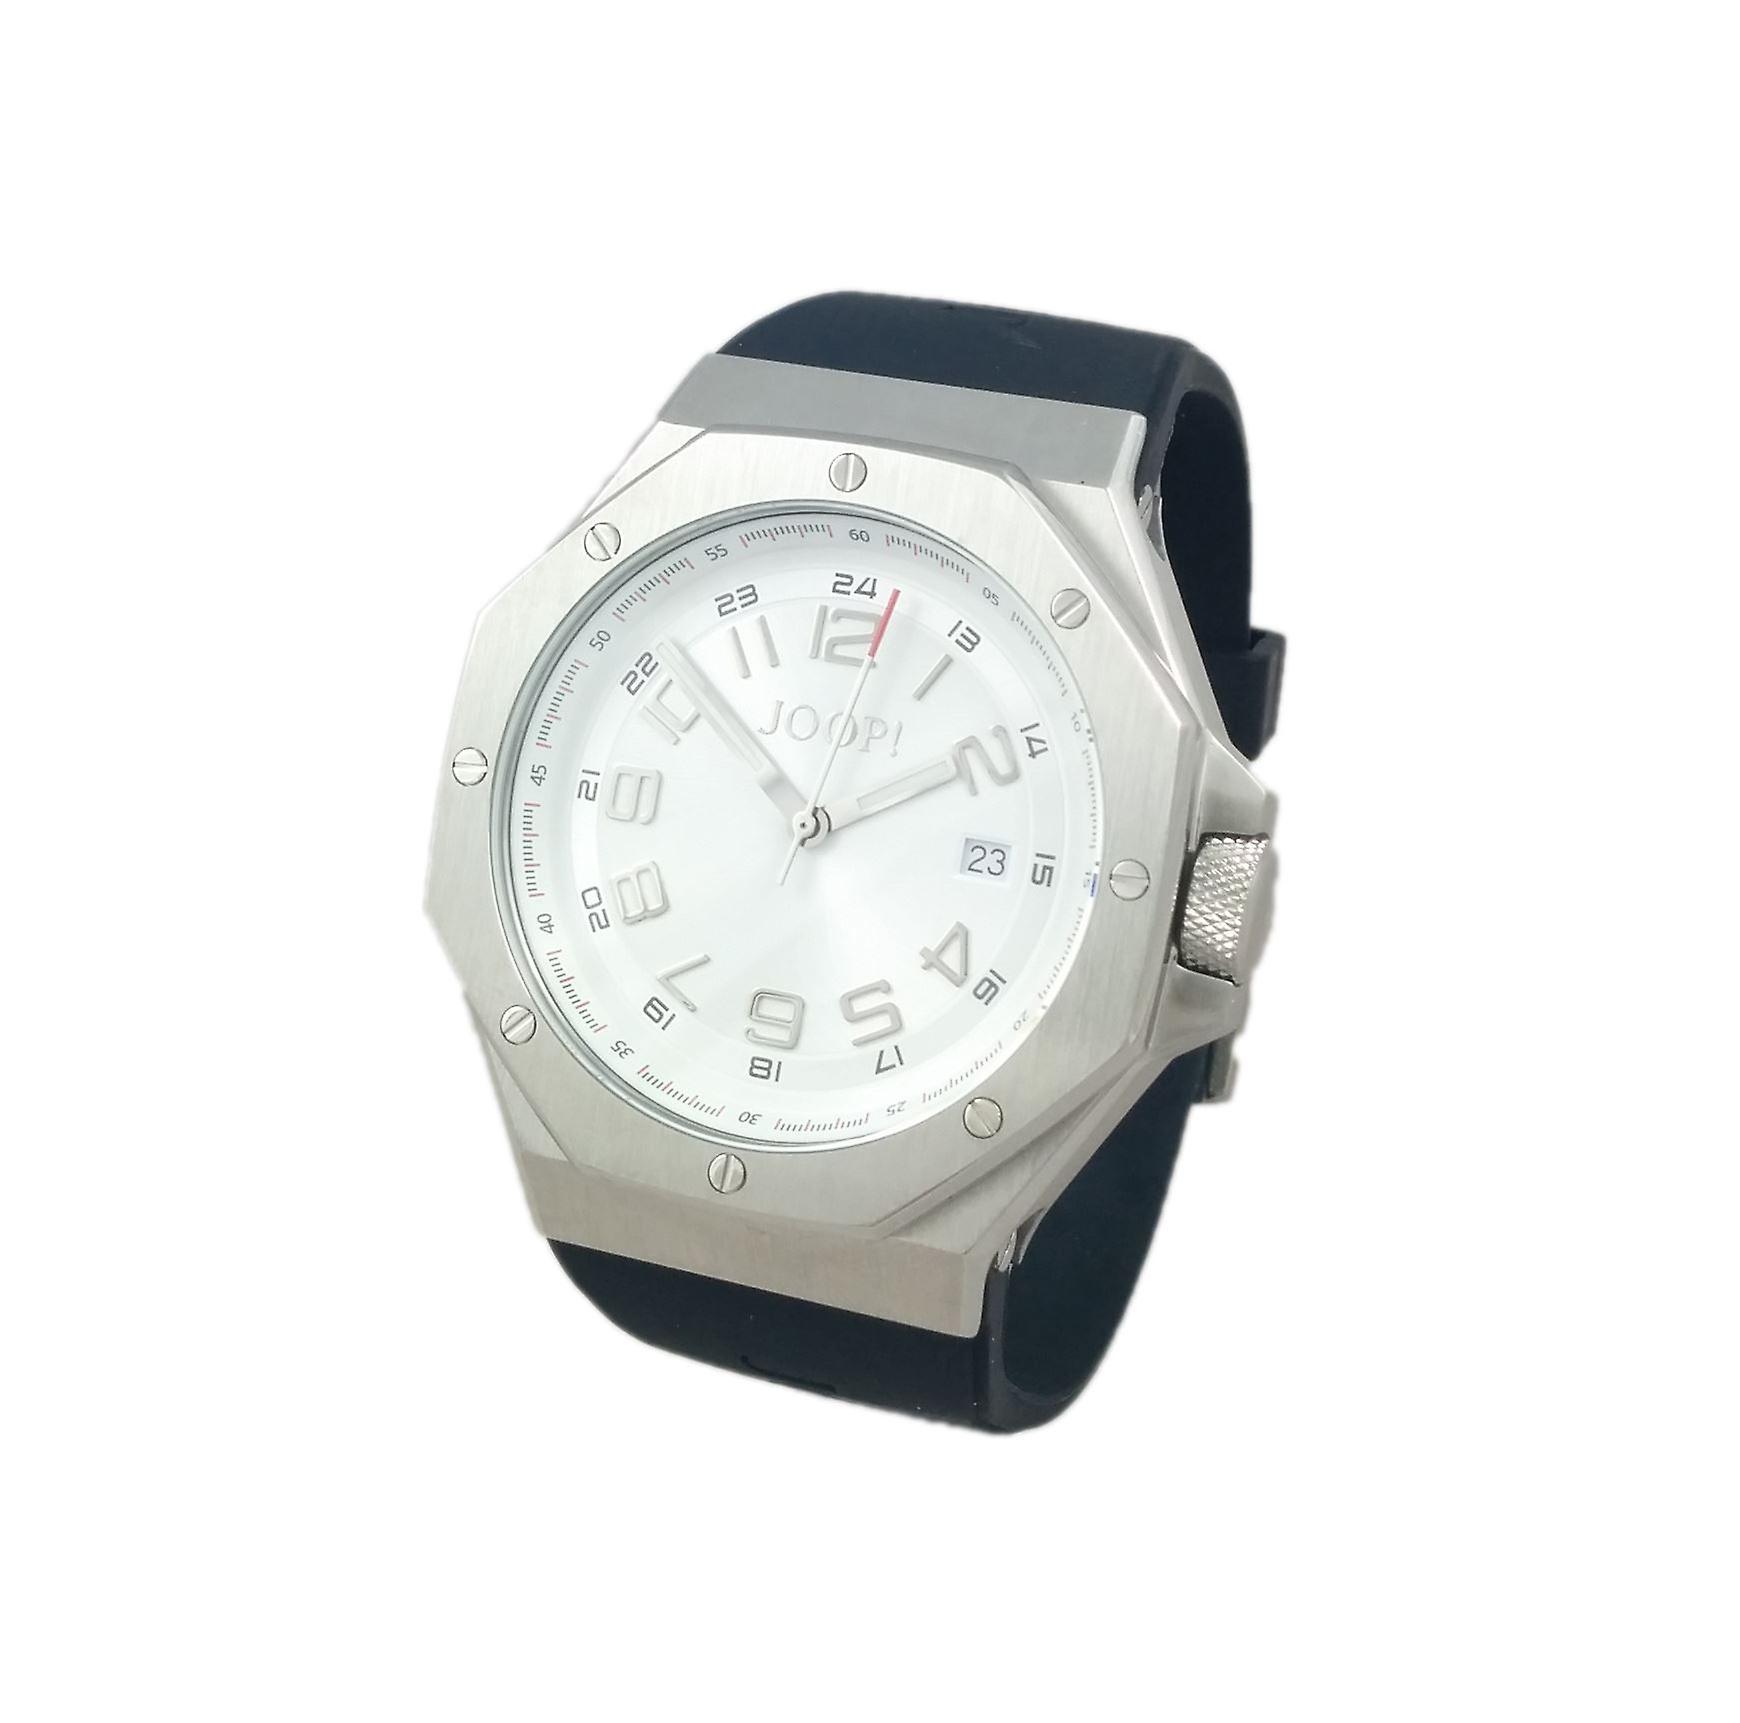 Joop! Mens Watch Silver Tone Cosmopolitan Sport Dial With Date Display JP100391002